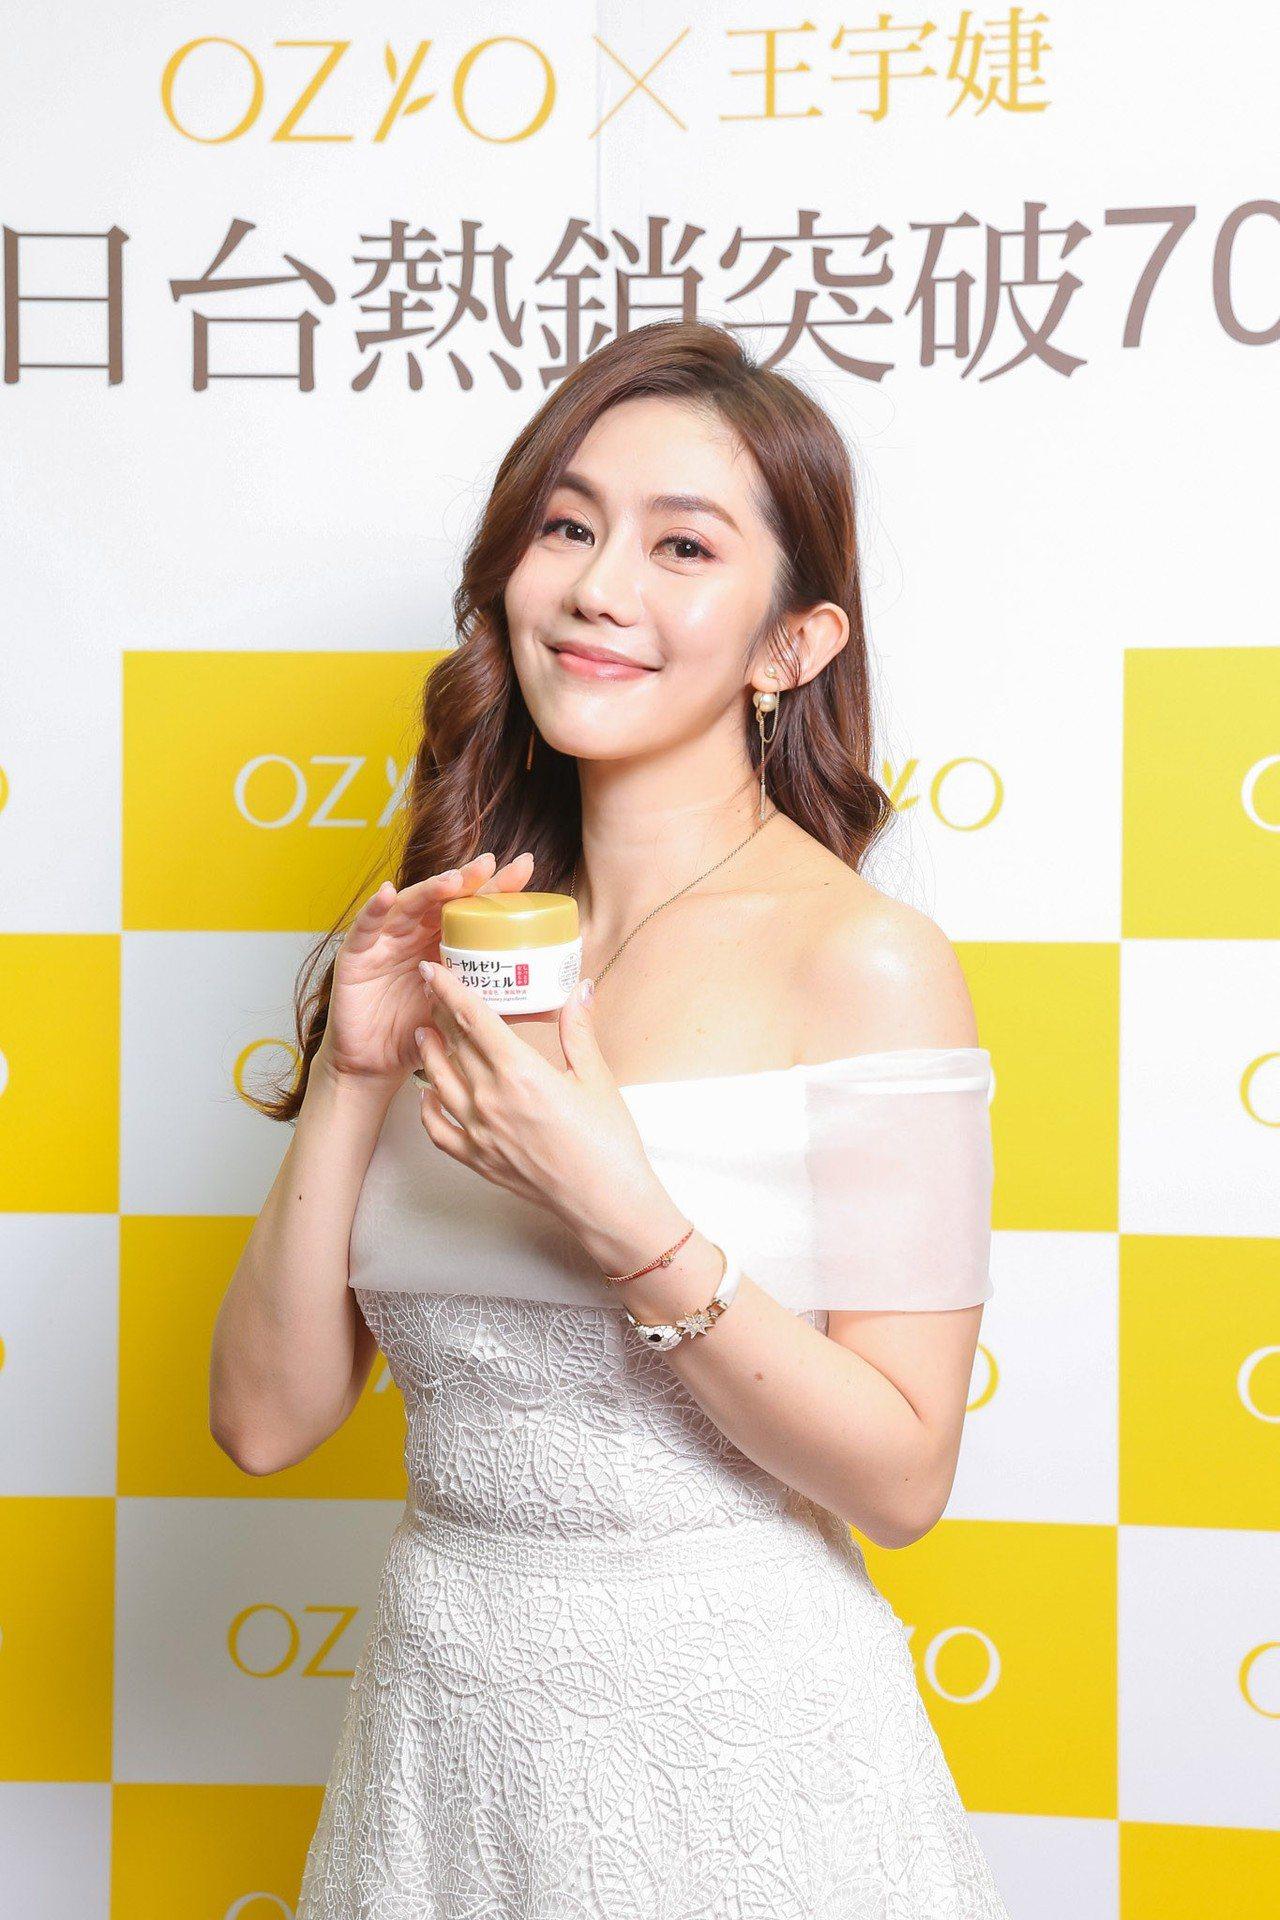 王宇婕詮釋最美反派的秘訣,就是日本OZIO蜂王乳凝露。圖/OZIO提供